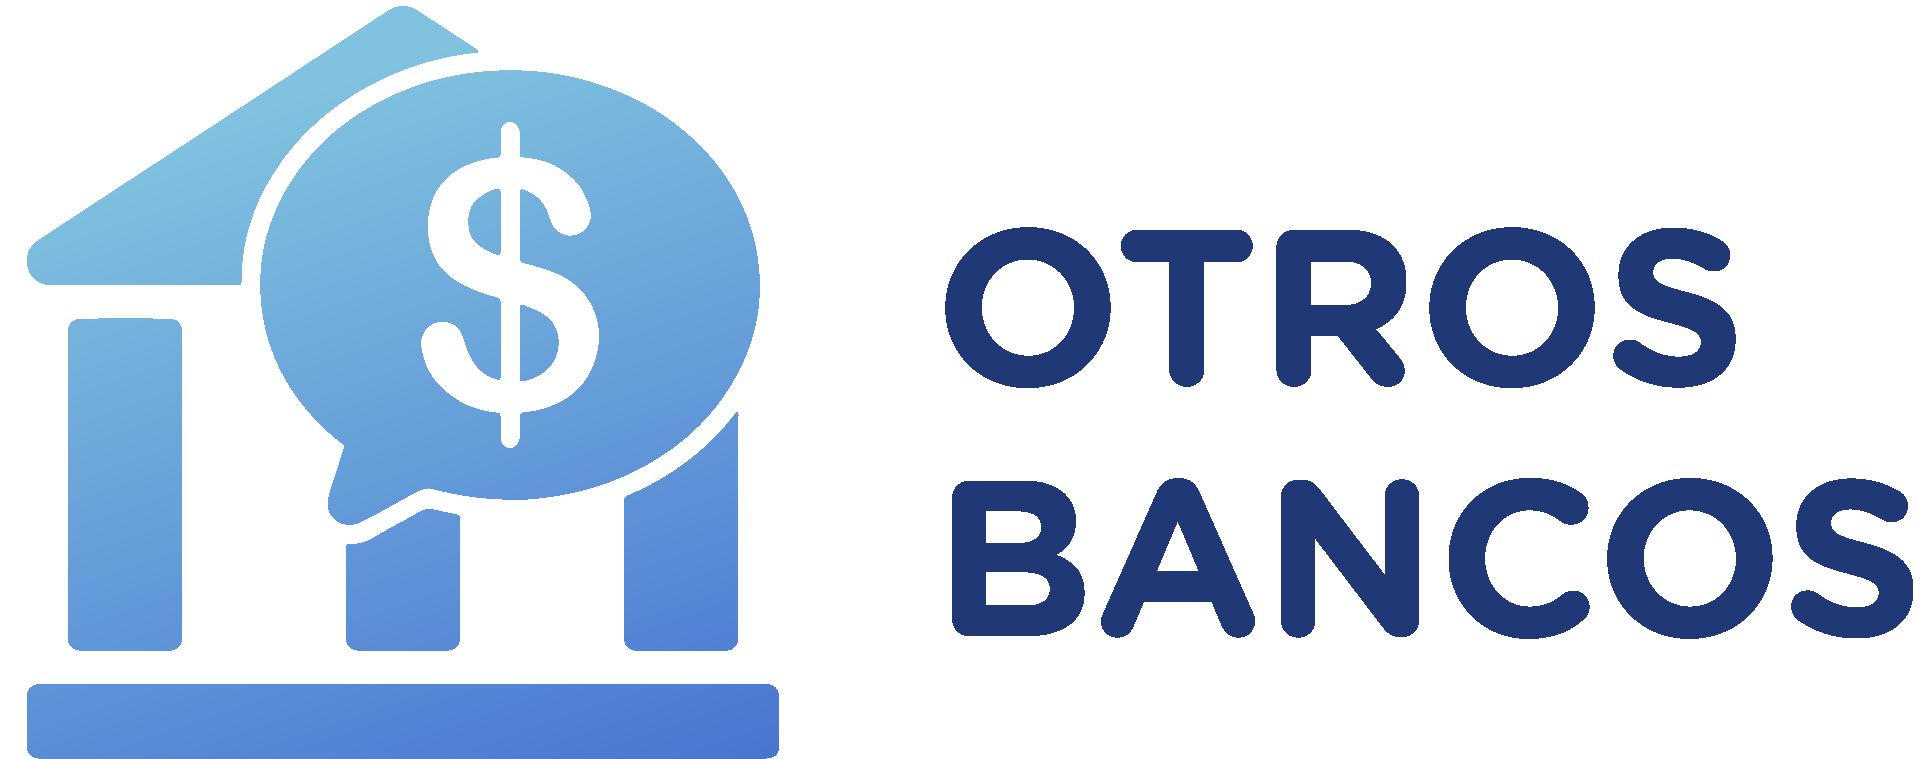 icono otros bancos nuestras cuentas securex